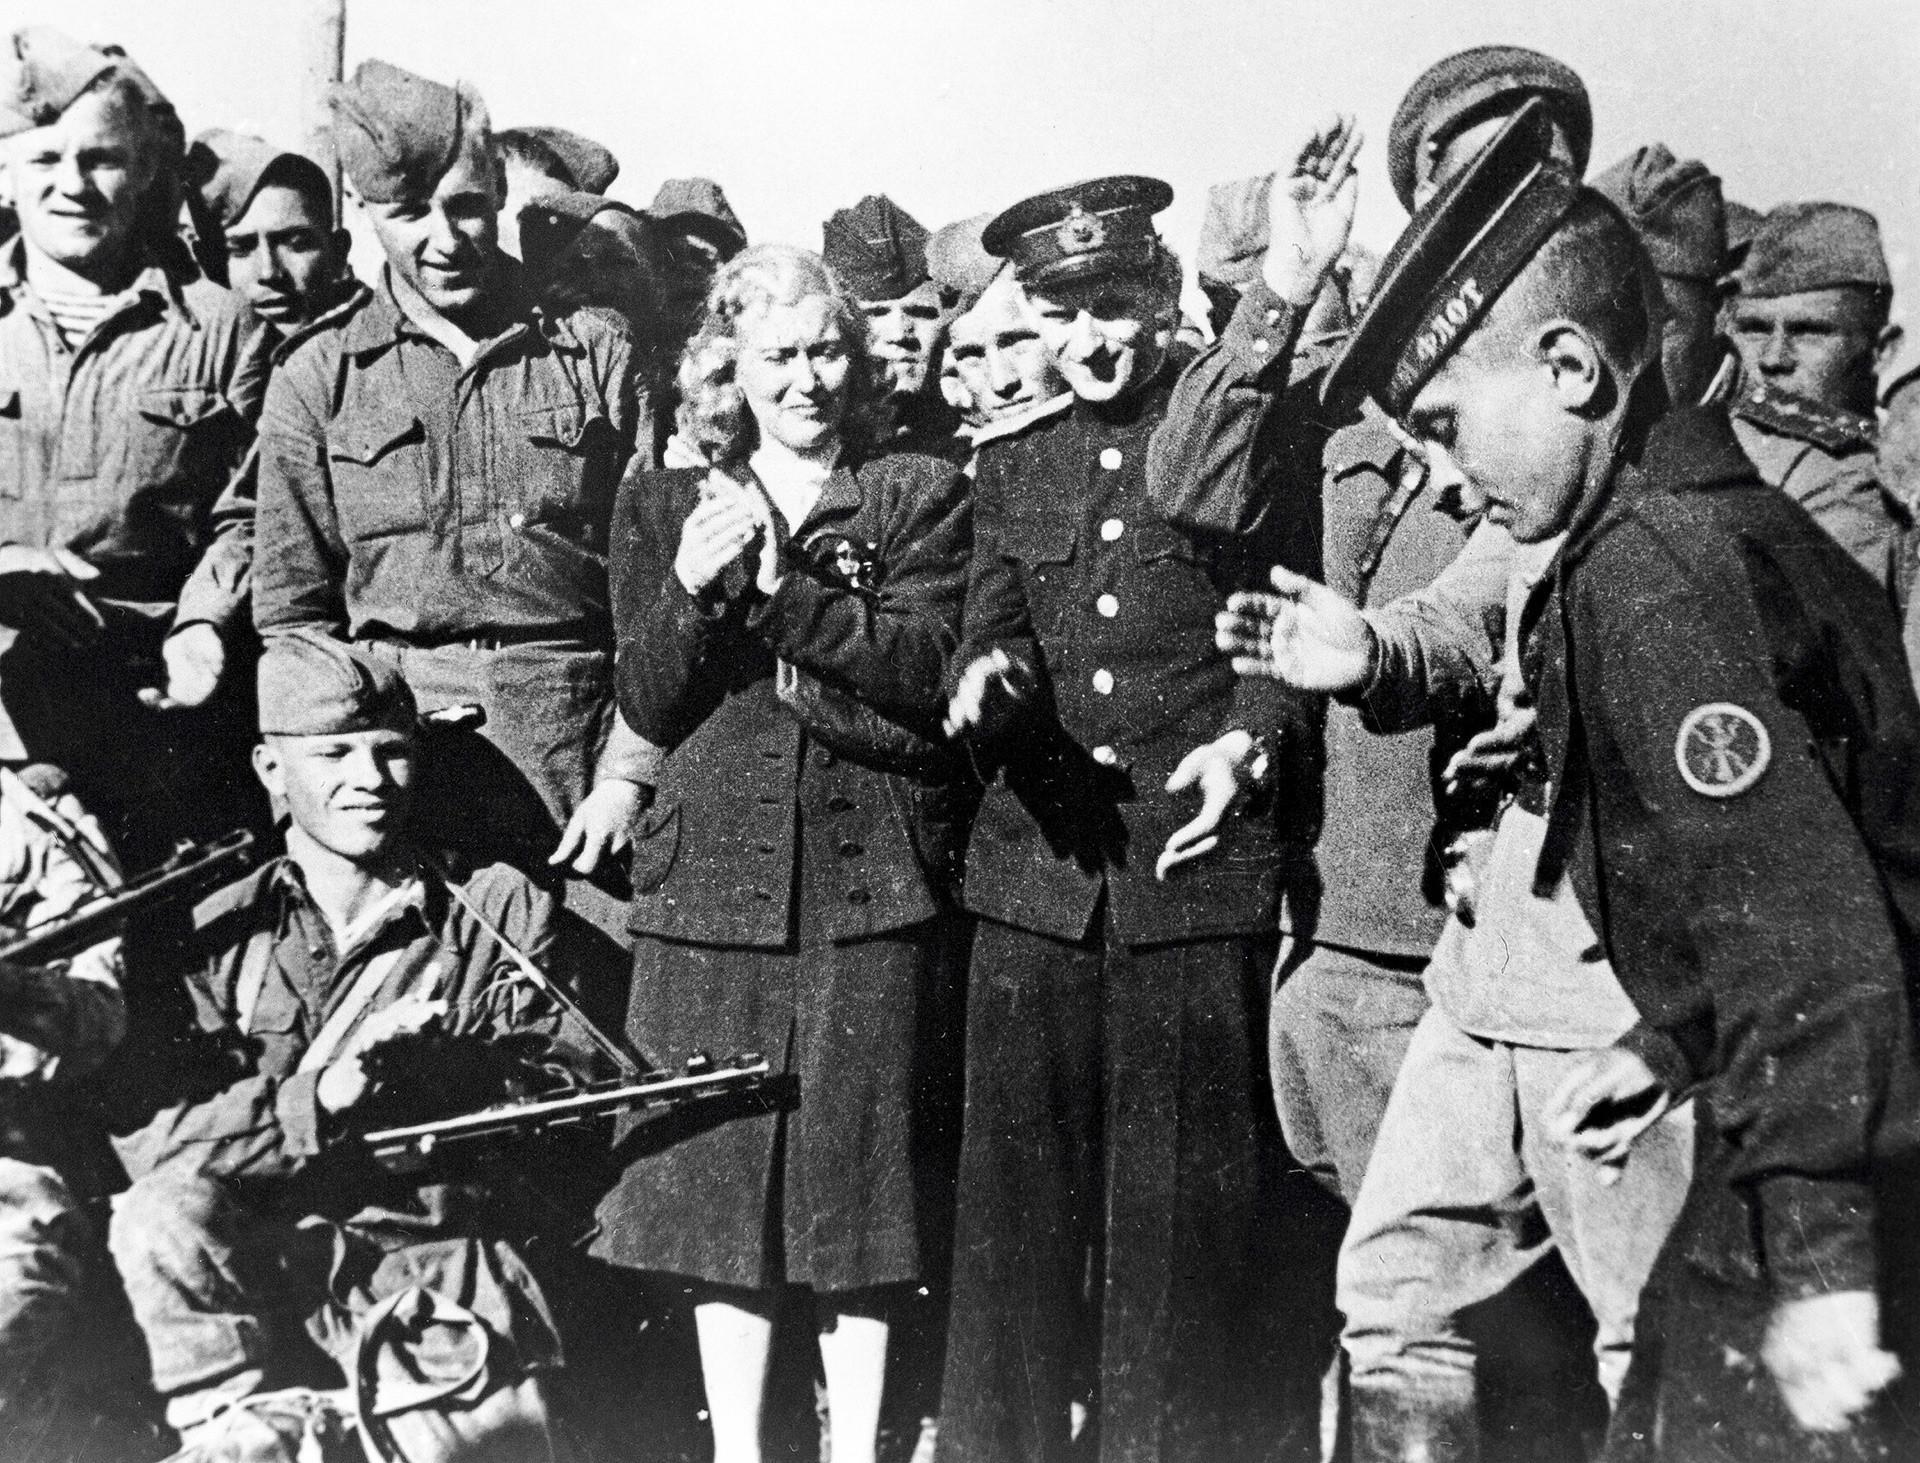 Narodna umjetnica SSSR-a Ljubov Orlova obilazi mornaričke pješadince, 1944.